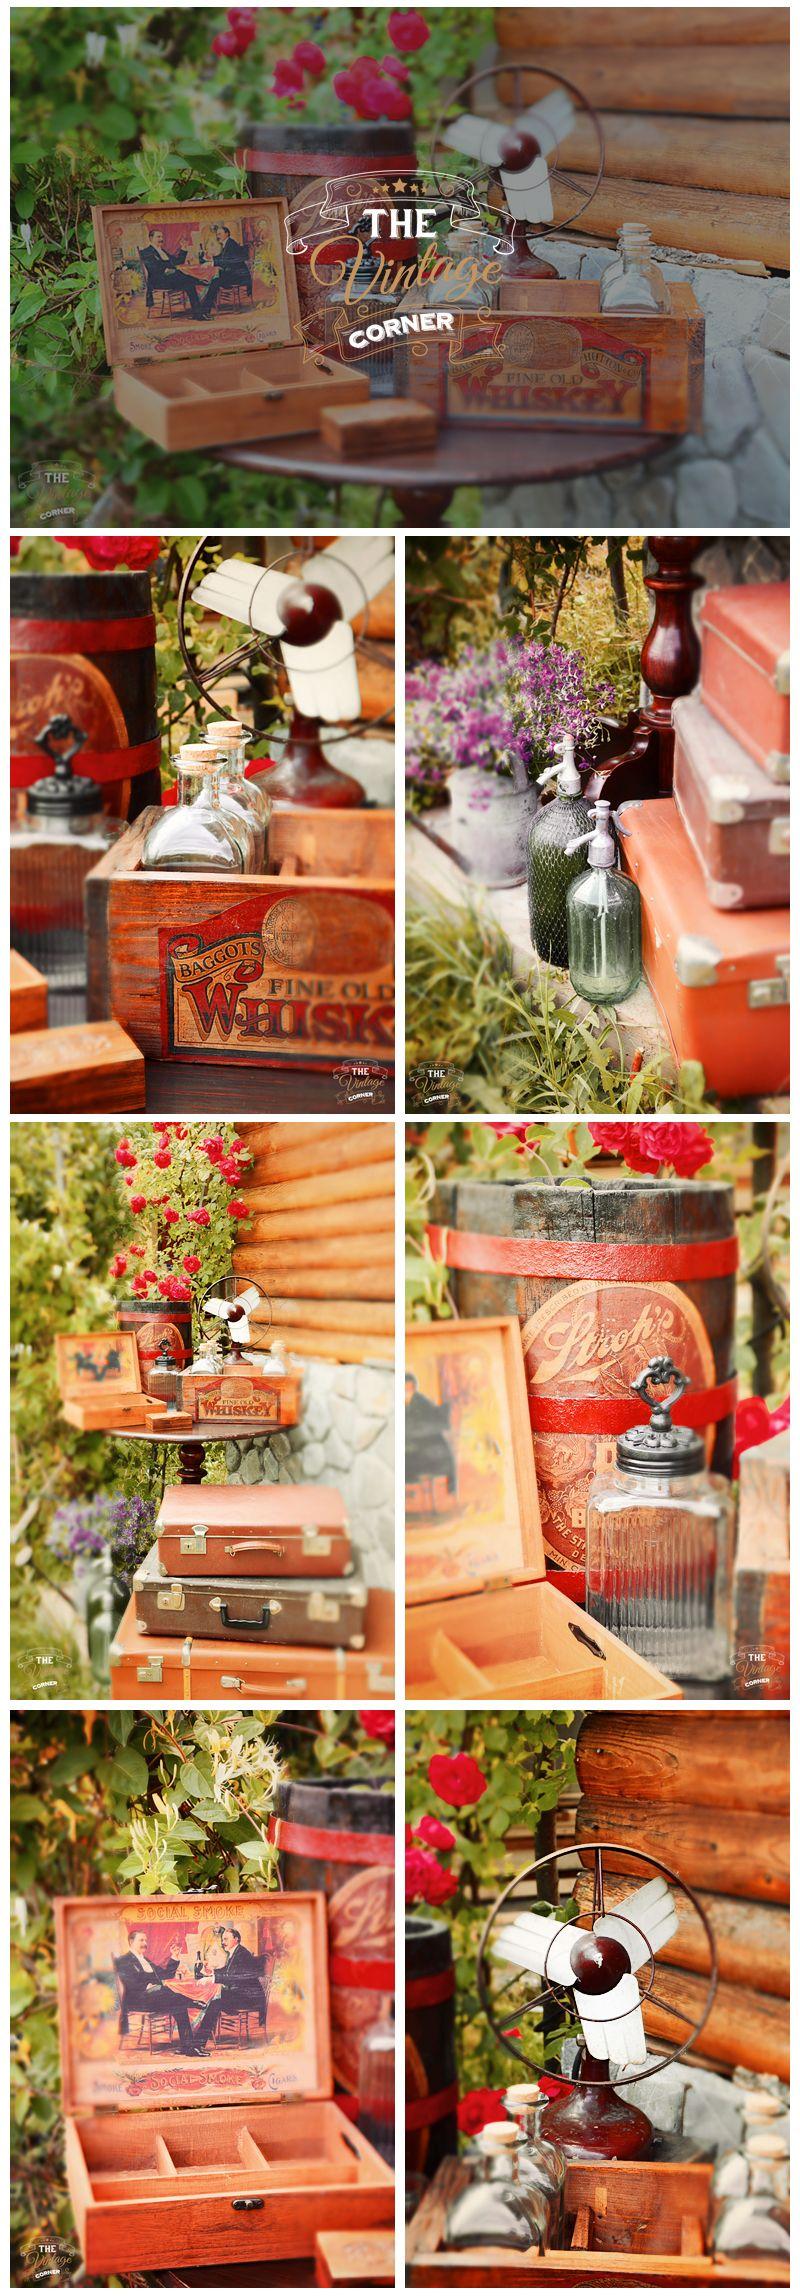 vintage accessories for gentlemen's corner